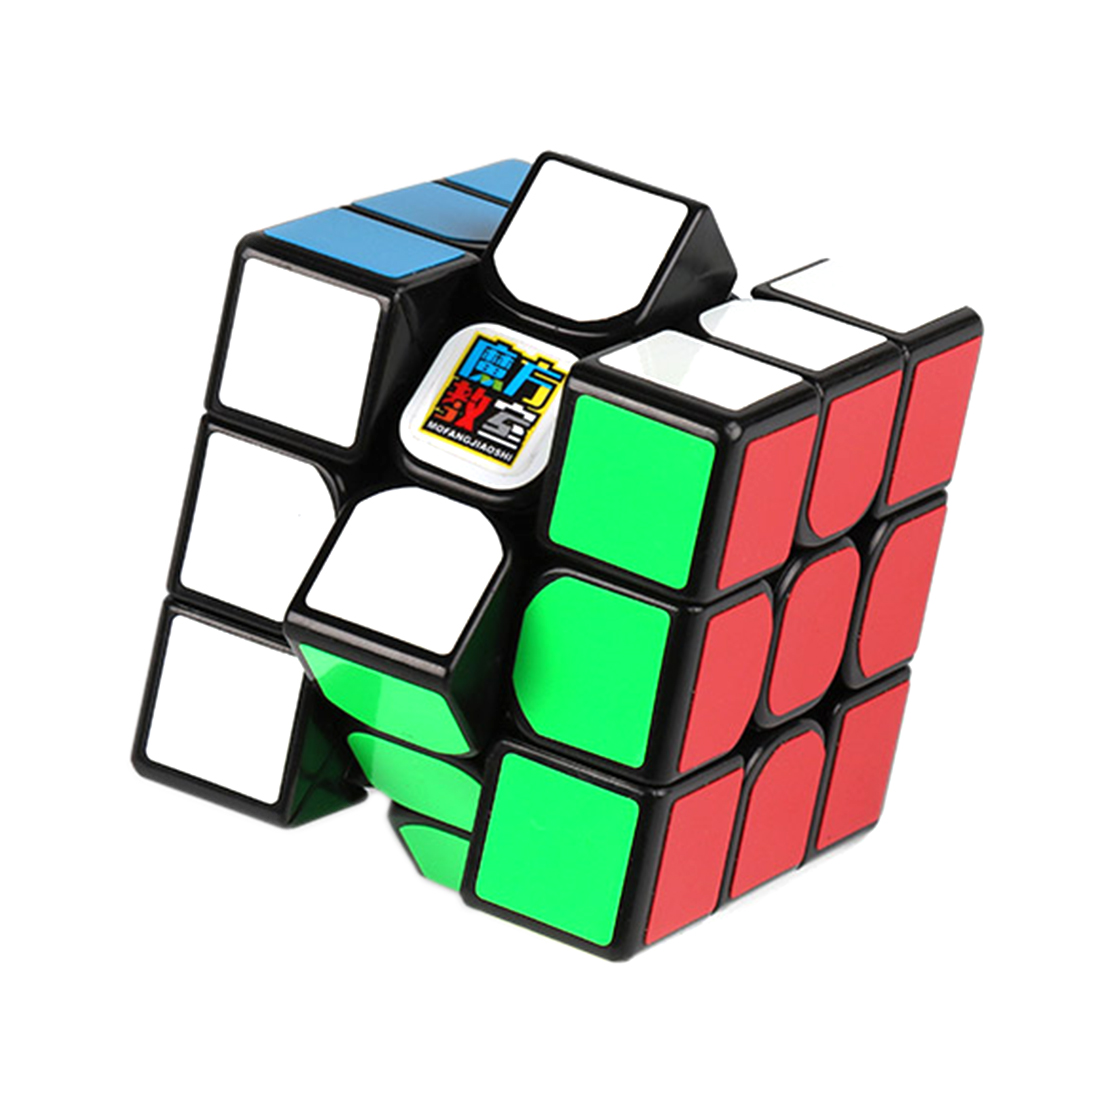 Nouvelle arrivée MF9310 Cubing salle de classe 2-7 étapes Cube magique ensemble avec emballage de boîte-cadeau pour la formation du cerveau